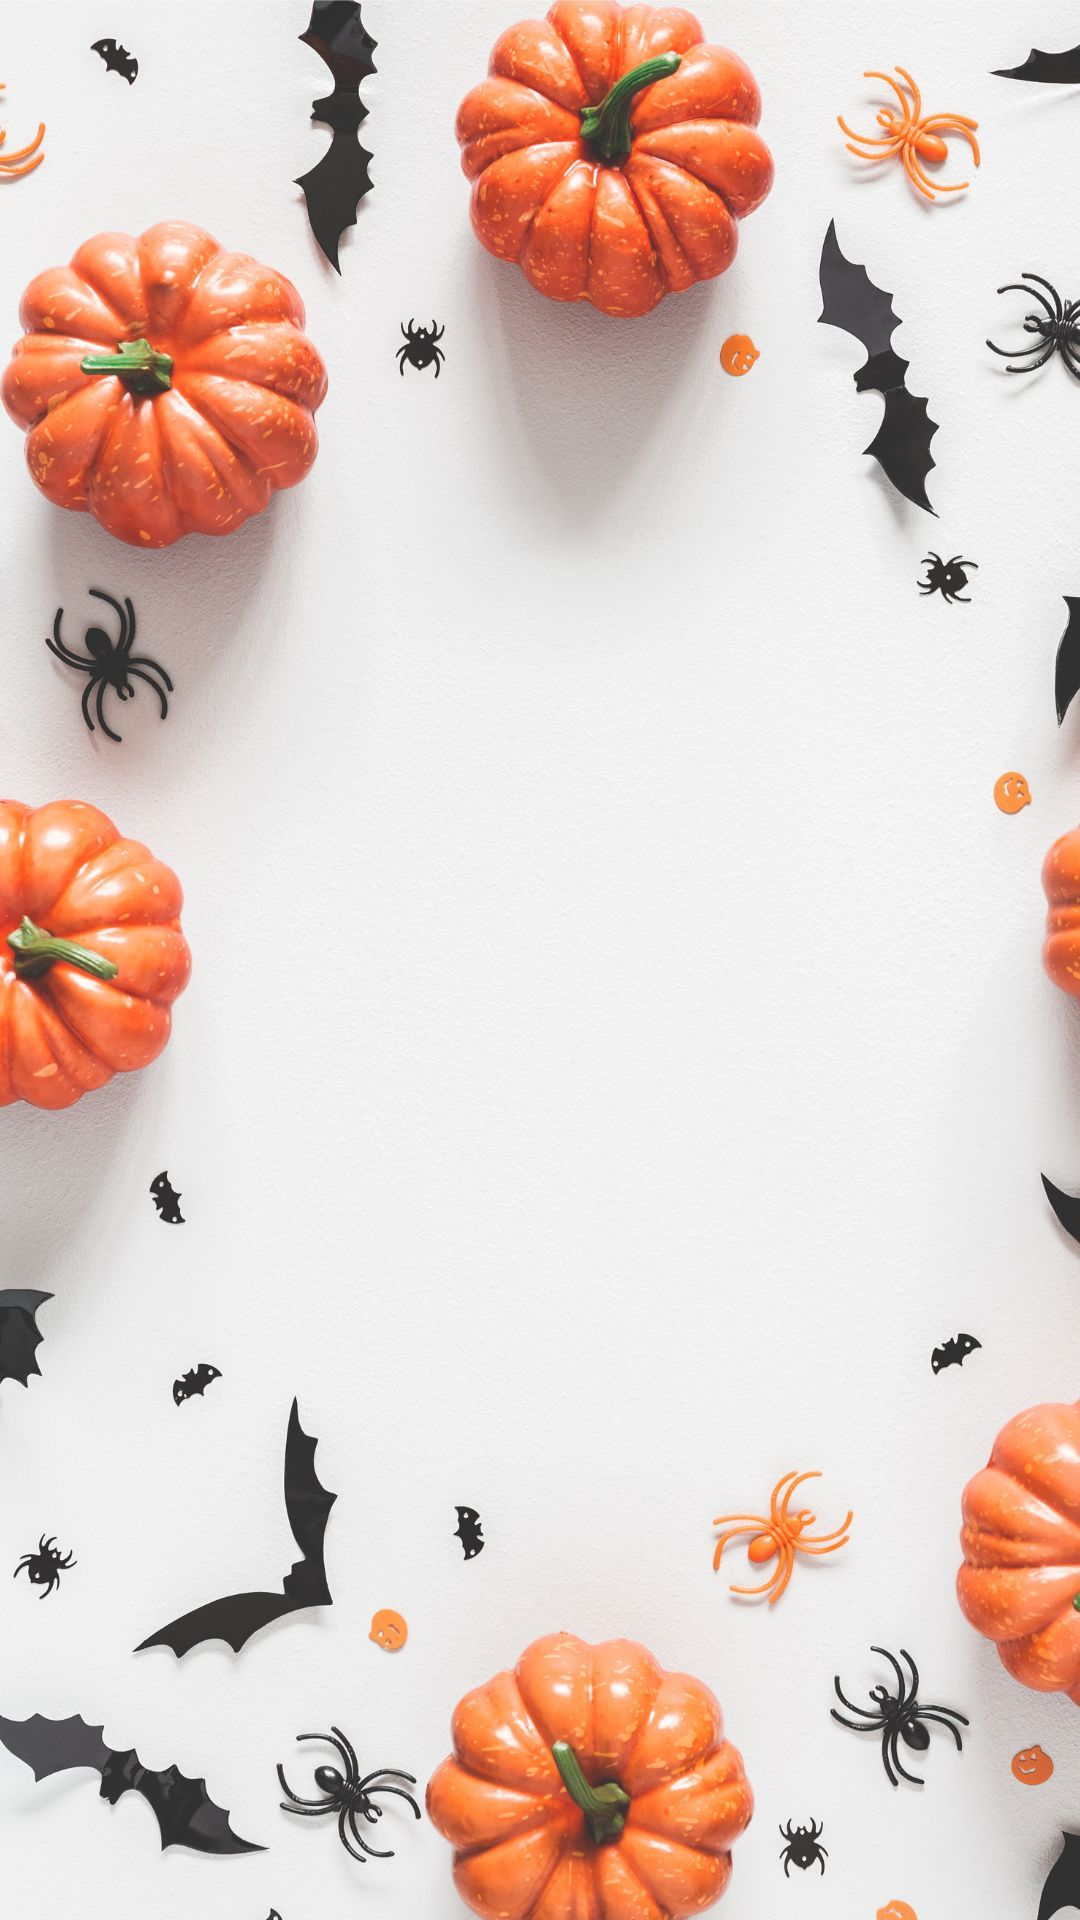 Wall Paper Iphone Fall Halloween Phone Wallpapers 21 Super Ideas Papel De Parede De Halloween Papel De Parede De Outono Coisas De Halloween